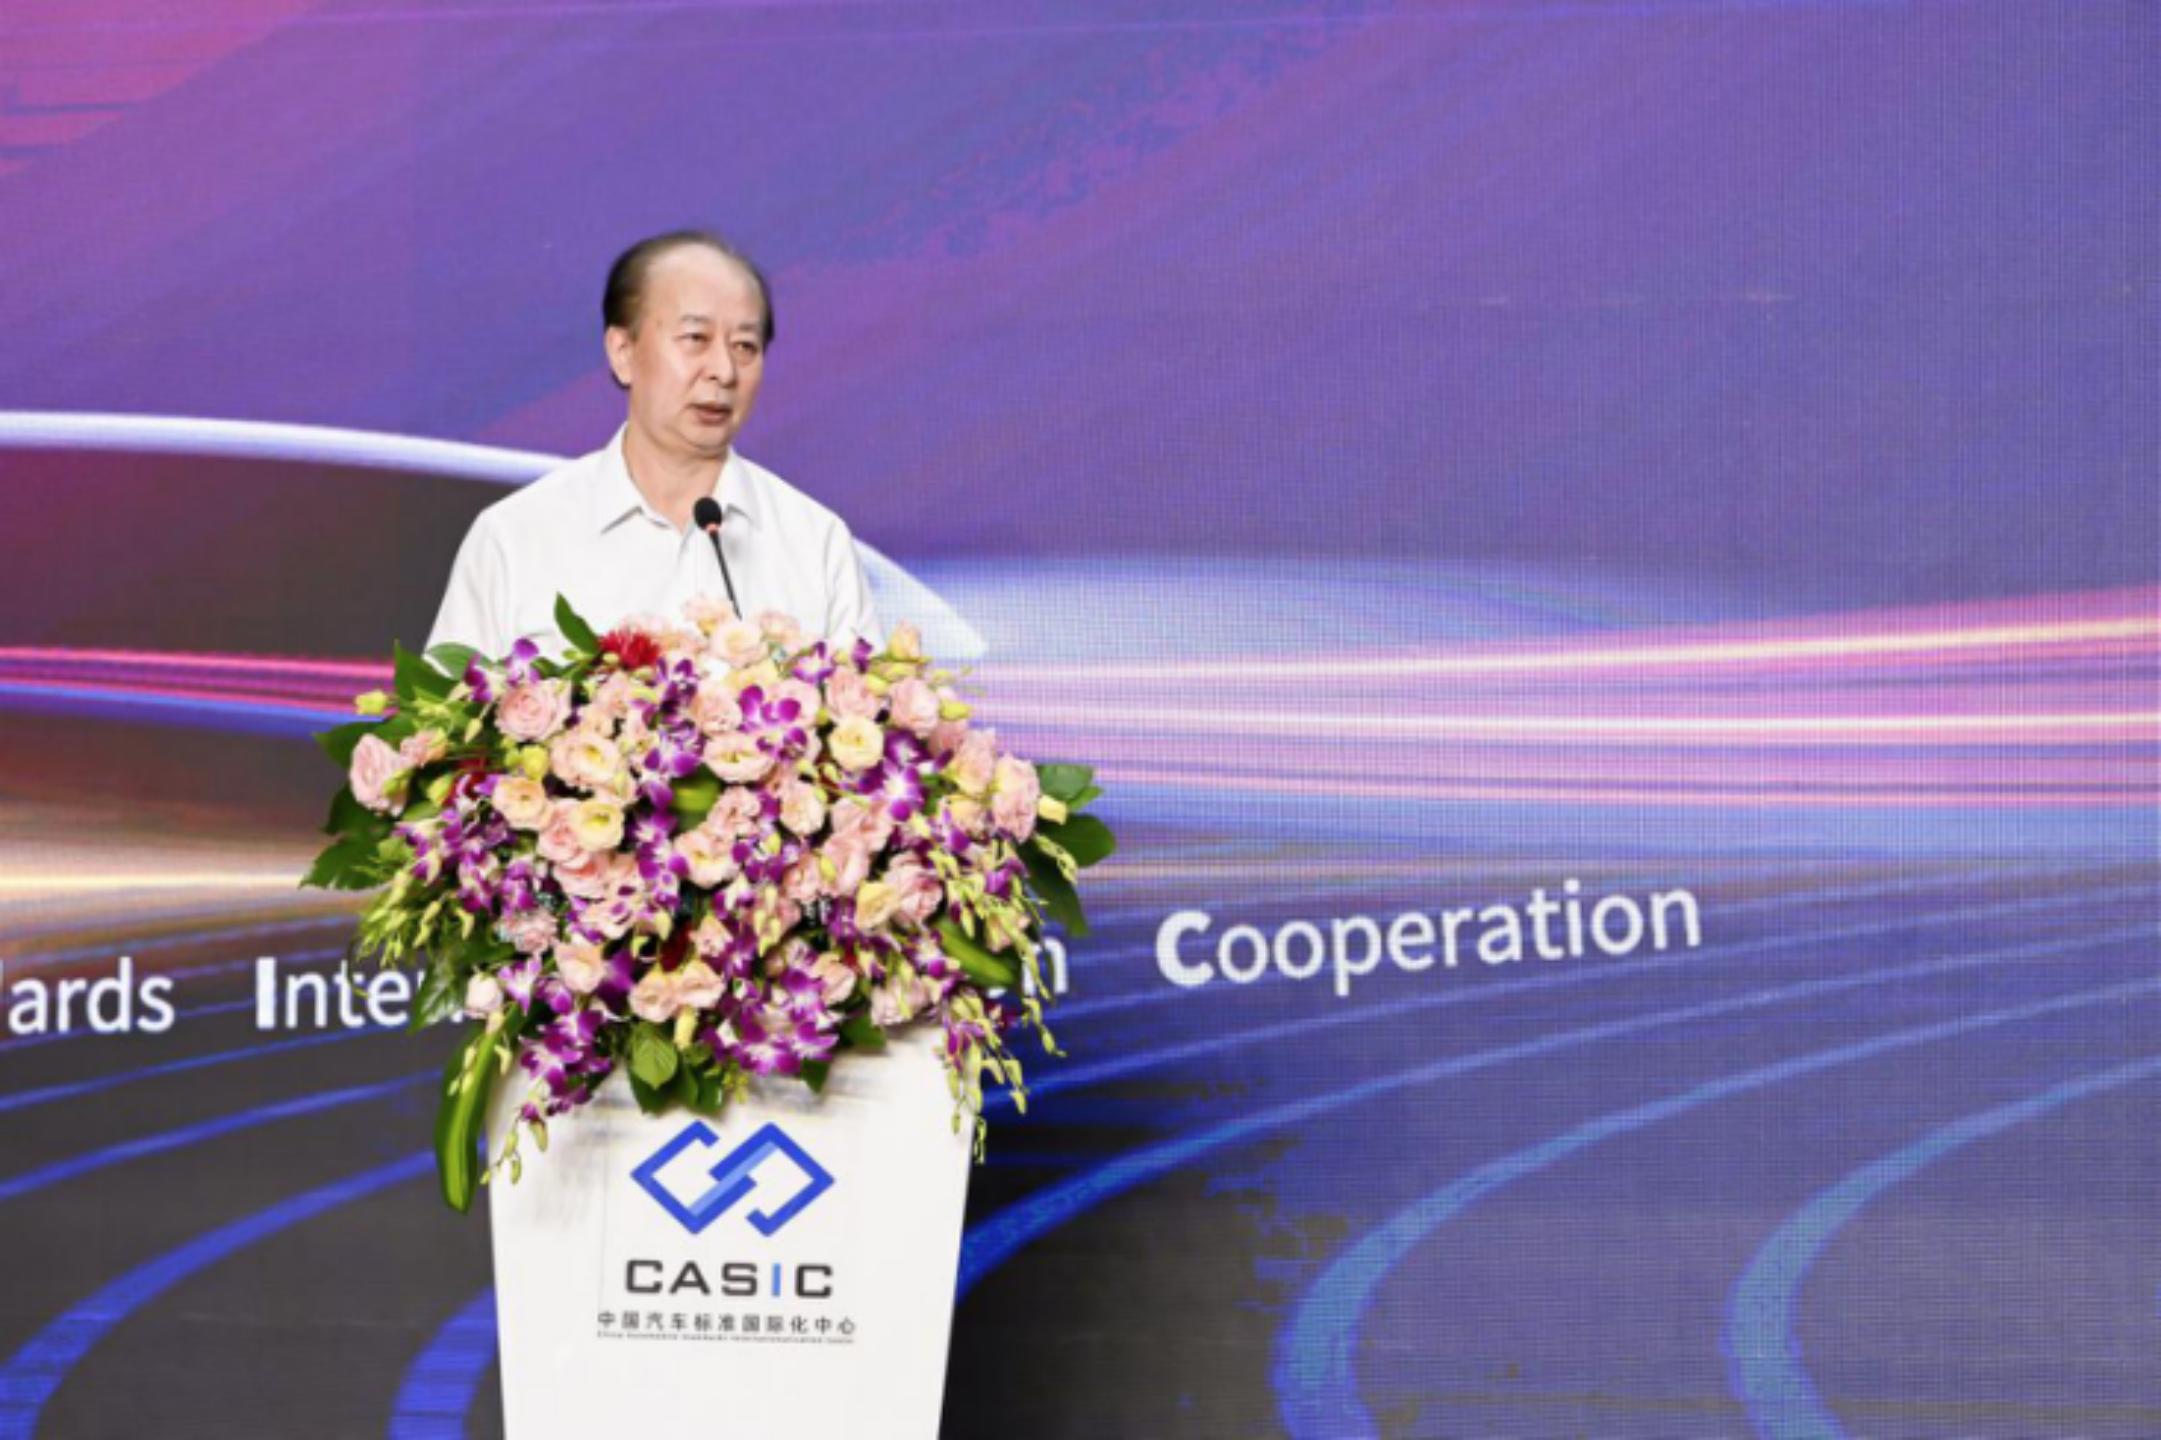 中国汽车标准国际化中心成立活动圆满举办-第10张图片-汽车笔记网